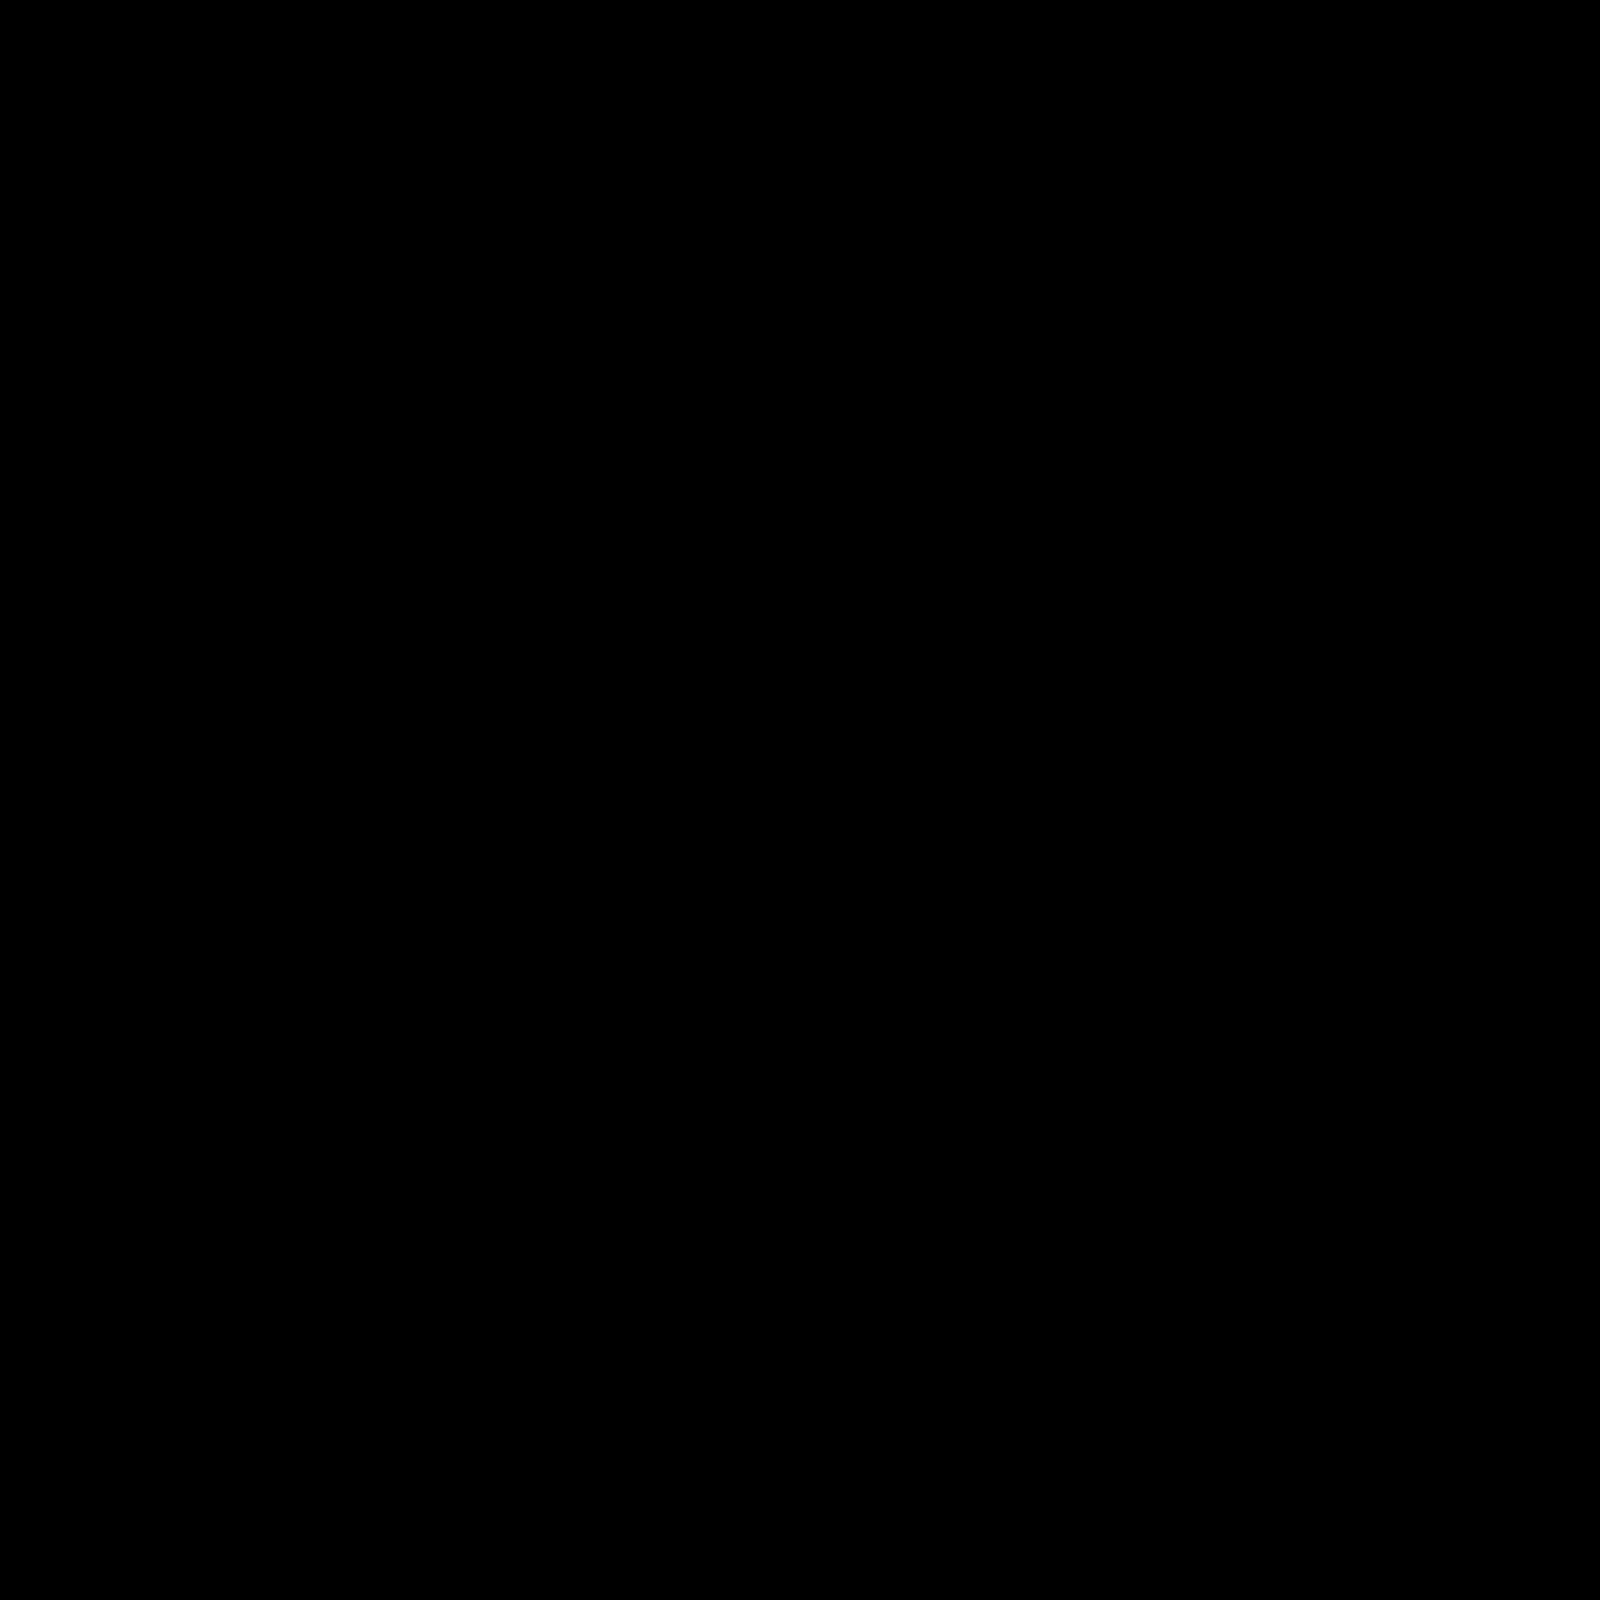 视频信息 icon. This icon shows a typical comic speech bubble which indicates that someone is speaking - it's a large circle that has a little tail pointing to someone speaking. Inside the speech bubble is the icon for a video which is a rectangle with a small triangle on the front of it to illustrate a videocamera.